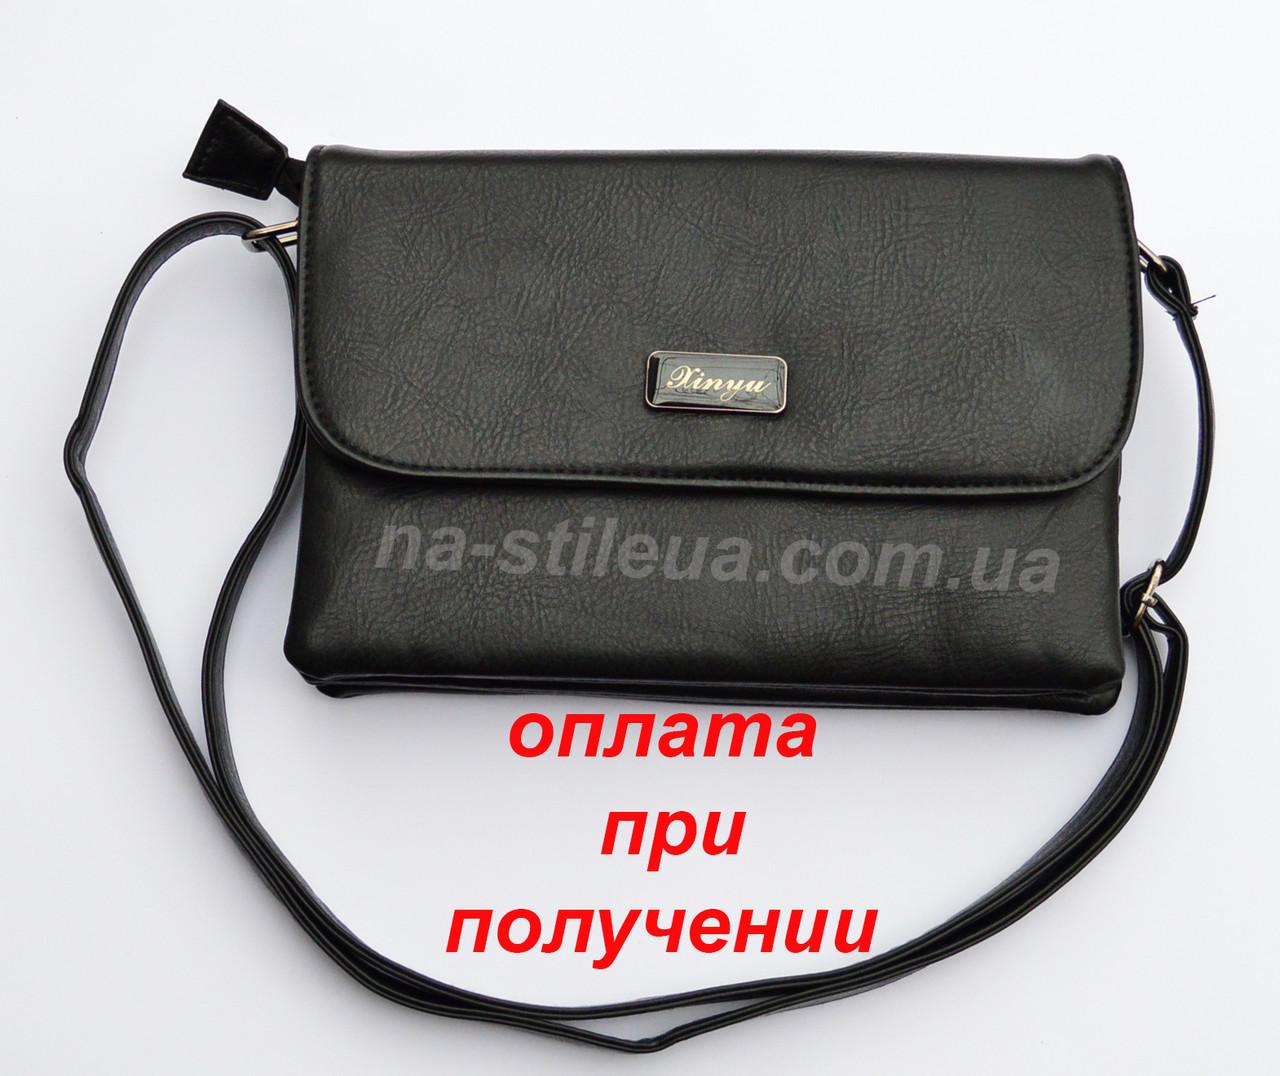 c8f19293d9f2 Женский кожаный клатч мини сумка кошелек шкіряна через плечо Мишель ...